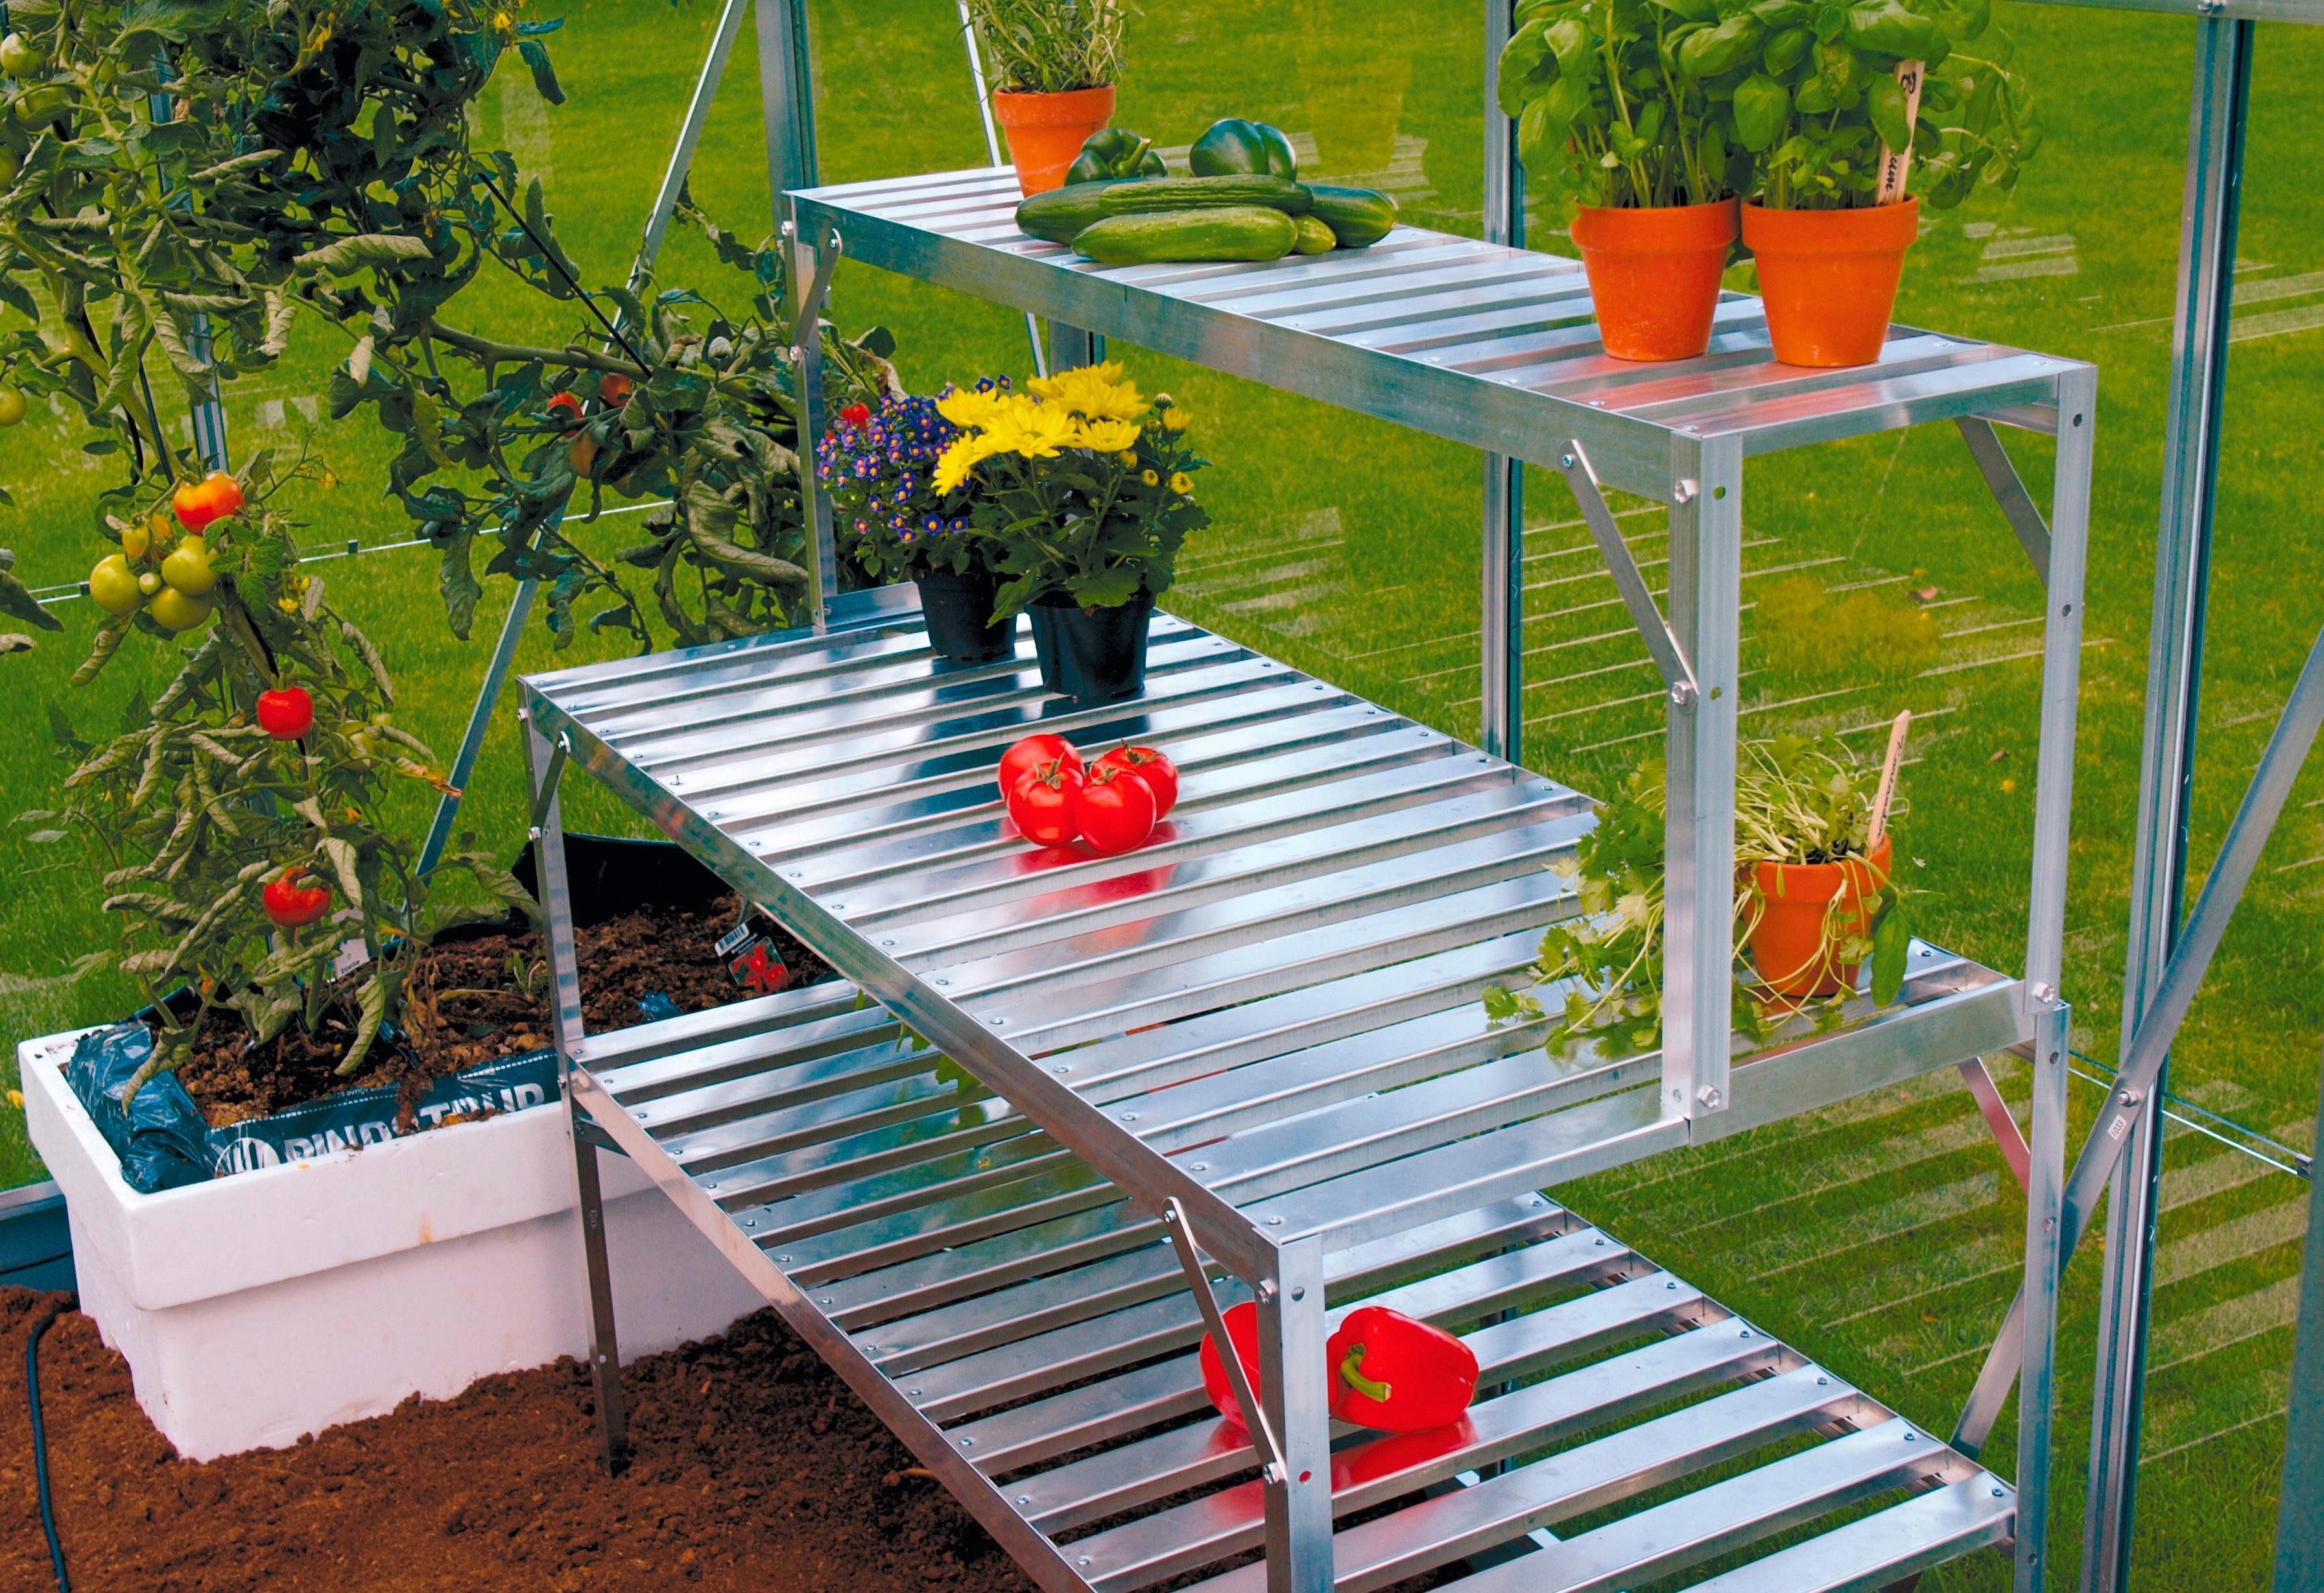 VITAVIA Tischaufsatz , BxTxH: 121x28x39 cm, aluminiumfarben